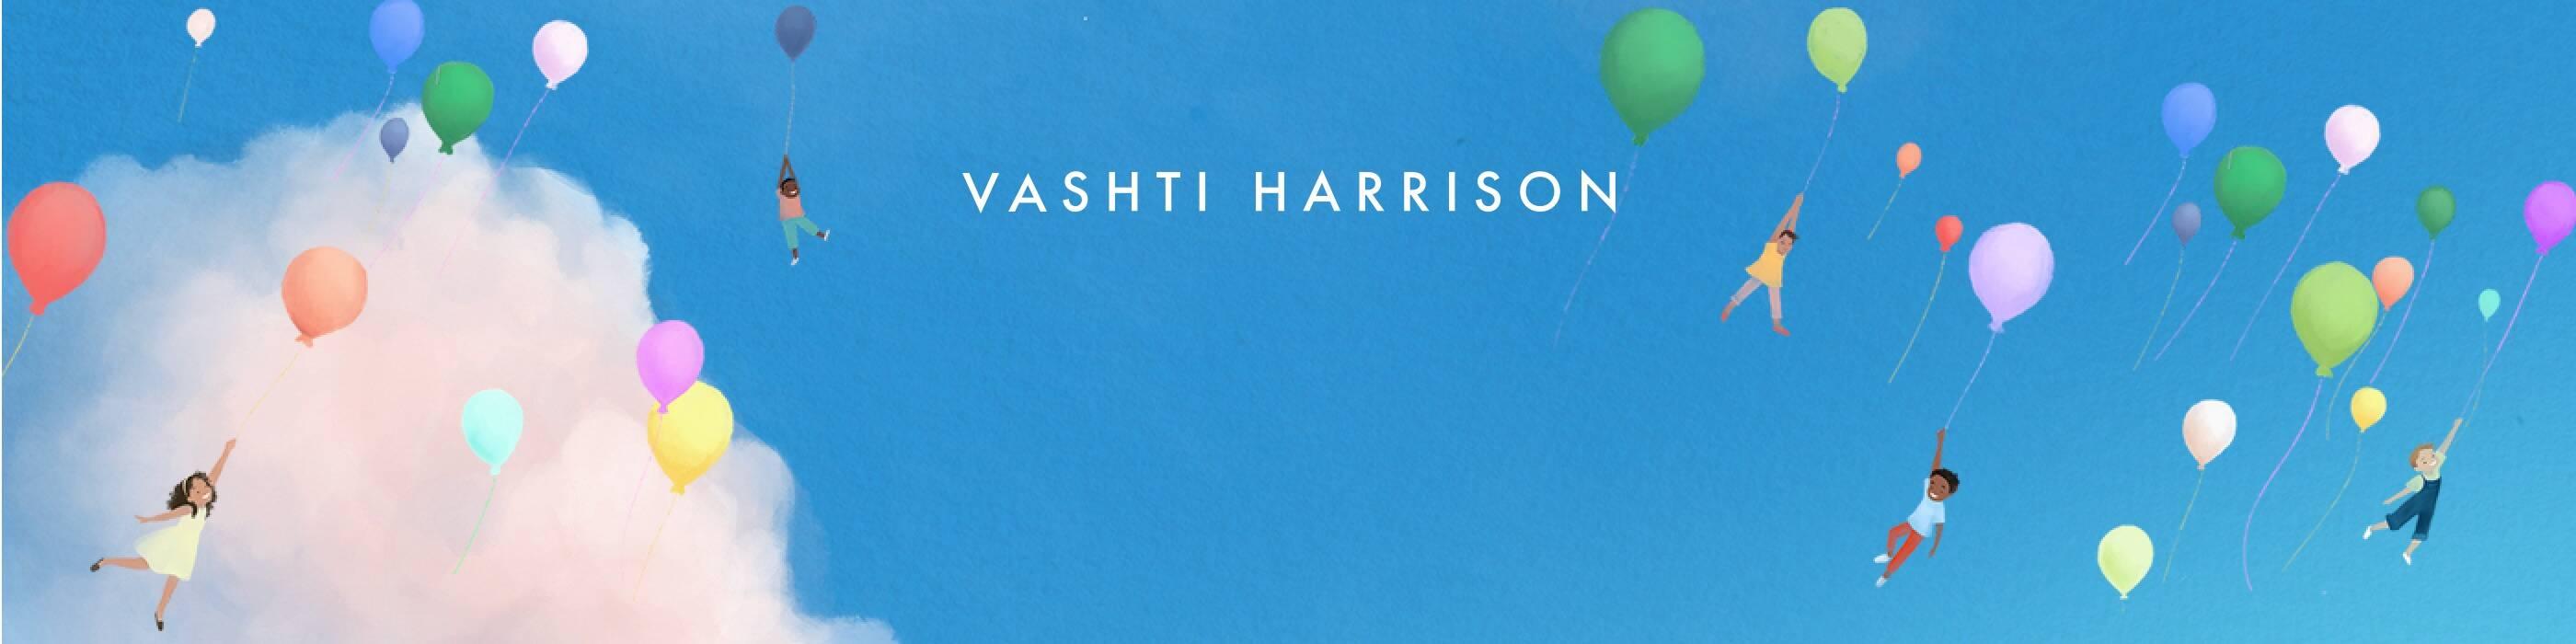 Vashti Harrison invitations